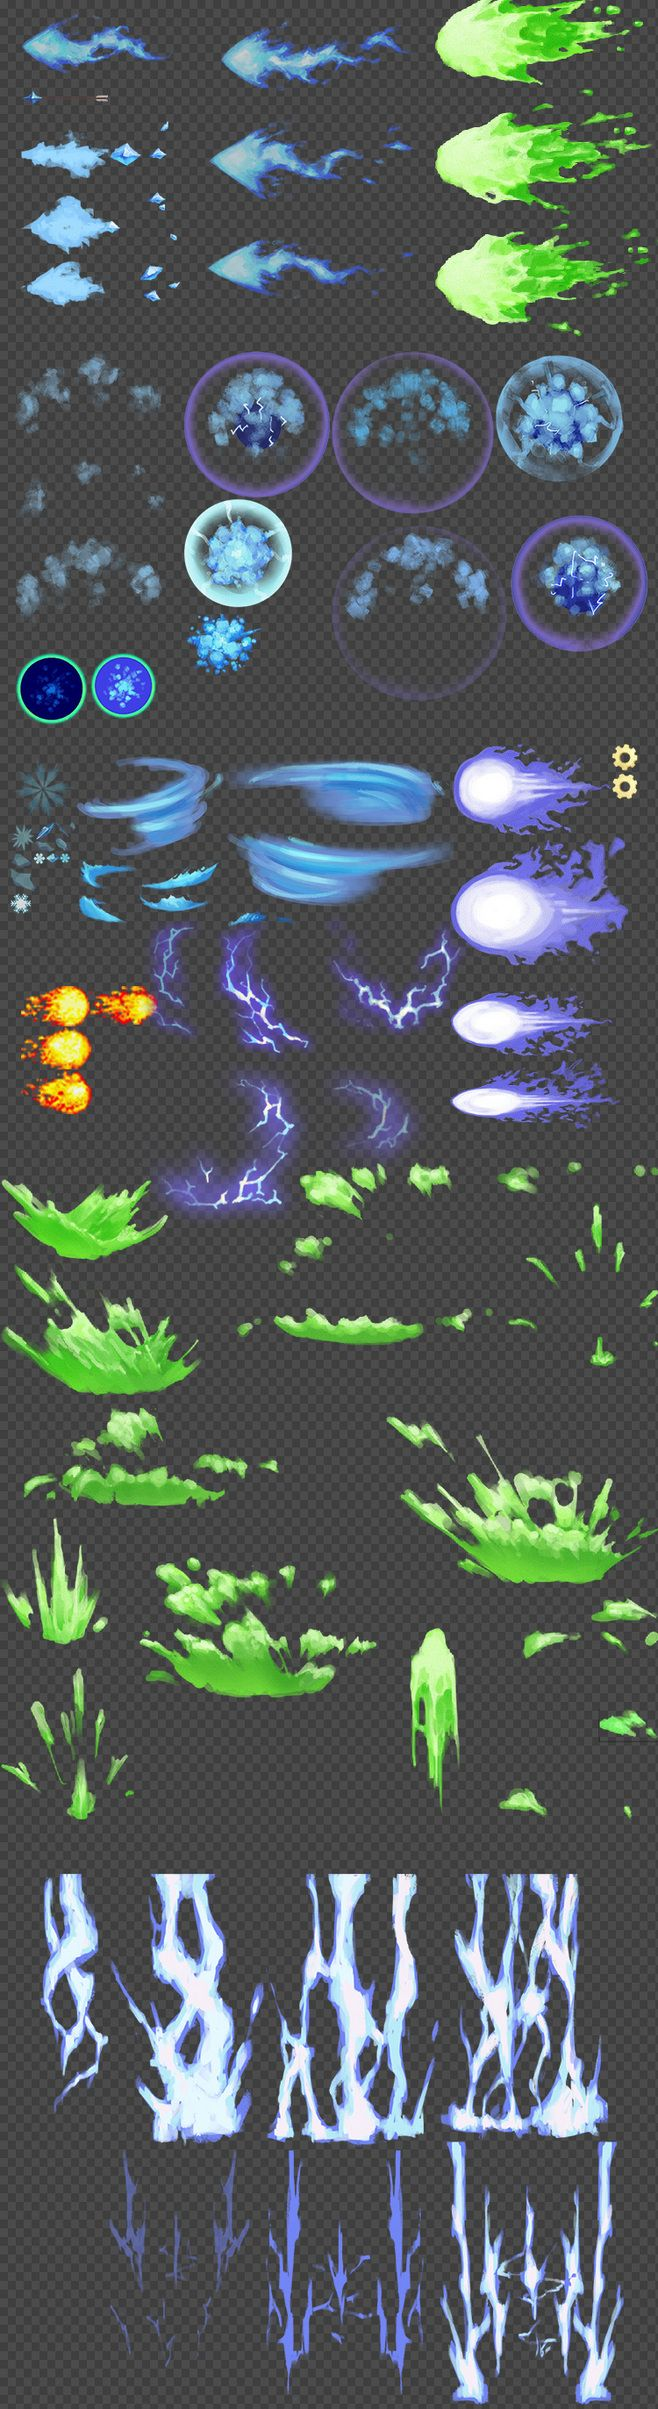 游戏美术资源/全民LOL游戏UI设计素材...